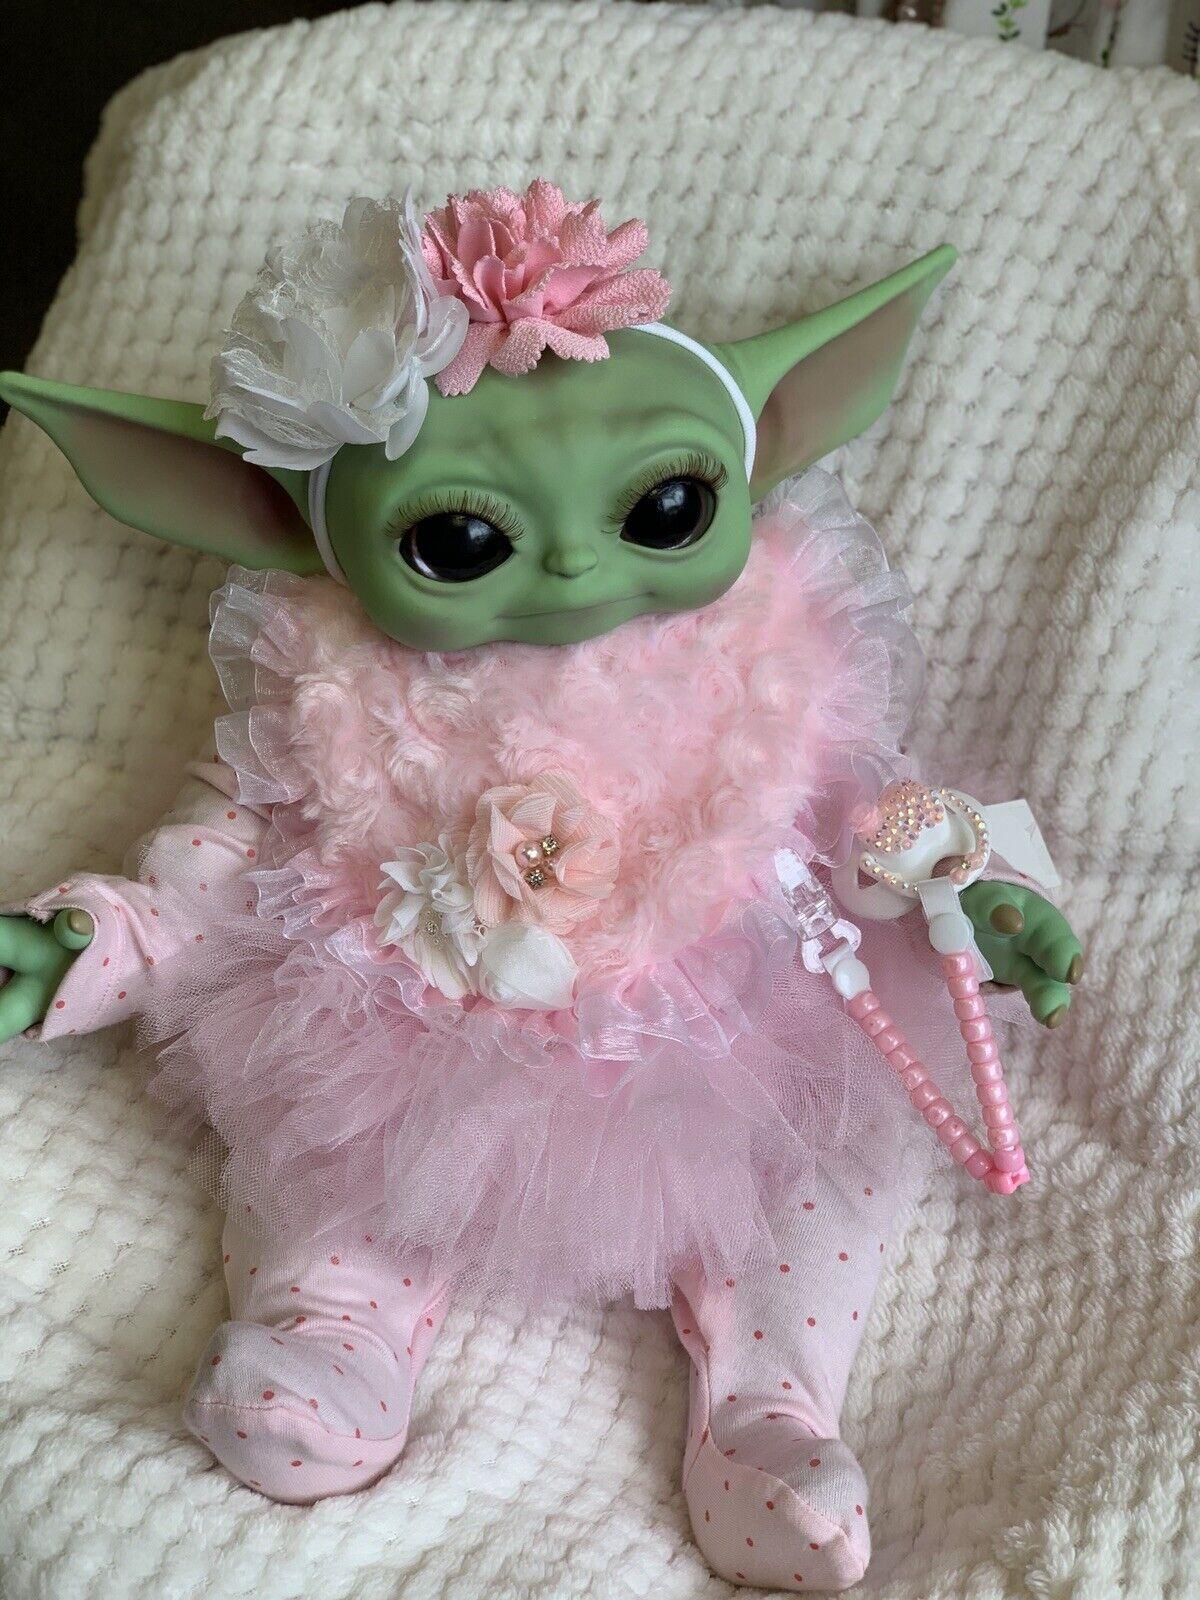 Reborn Baby Yoda Inspired Doll 20 Inch